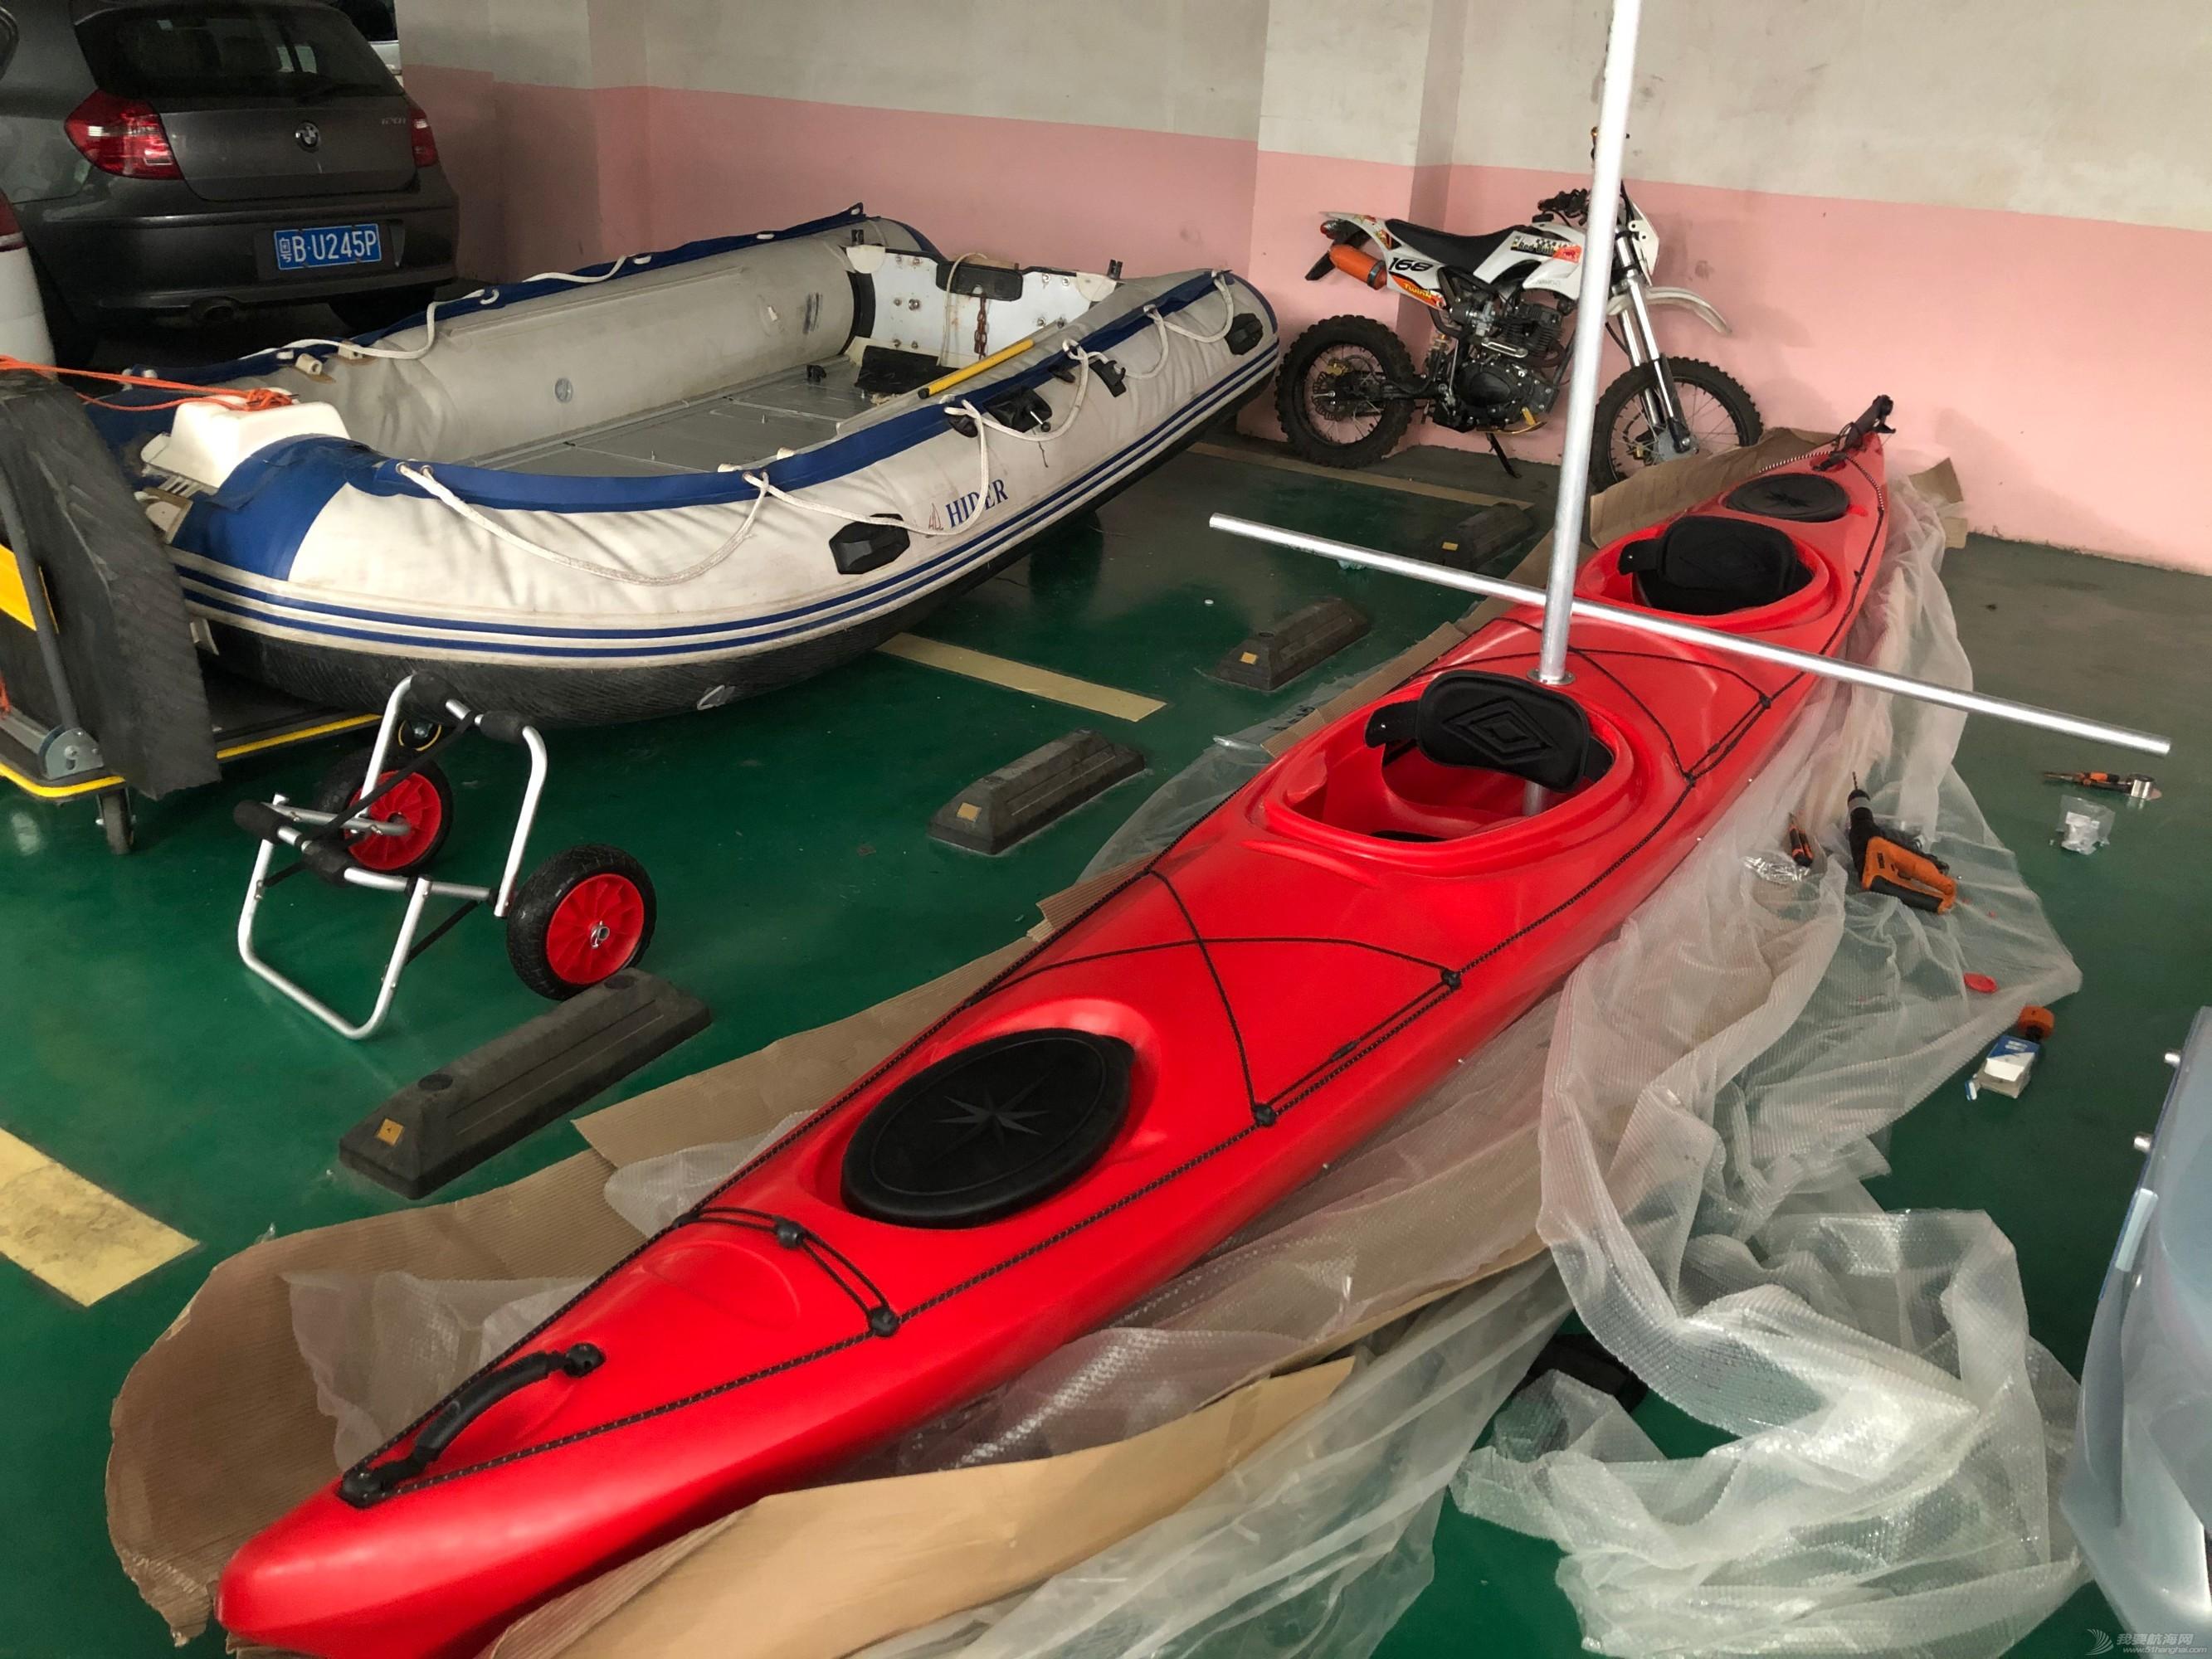 双人皮划艇改的三体帆船正在设计制作中,请多指导我呀